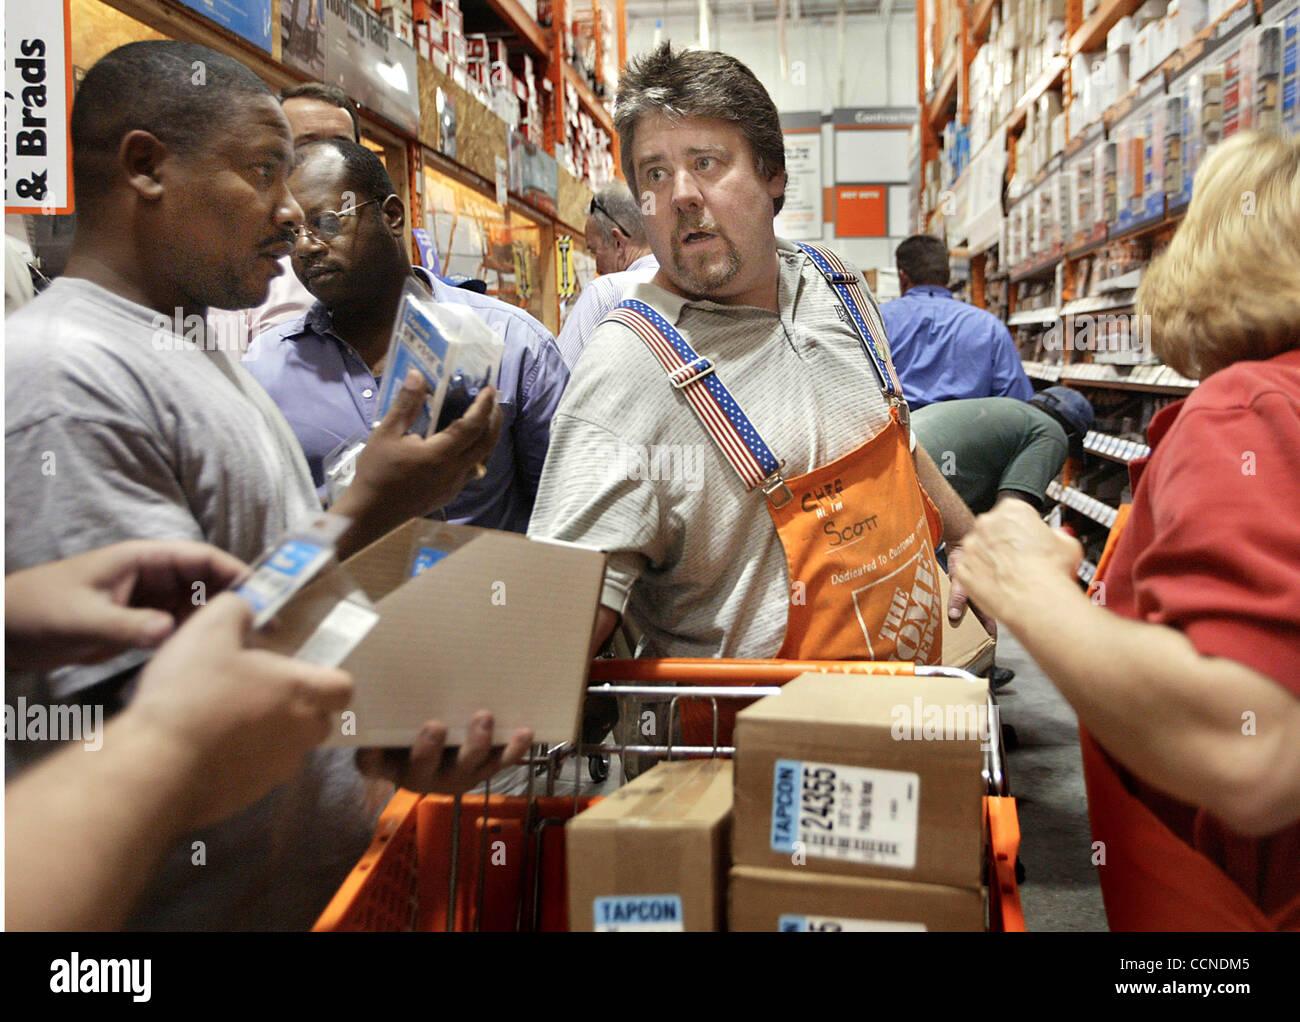 092304 Met Jeanne West Palm Beach Home Depot Worker Scott Golin Cq